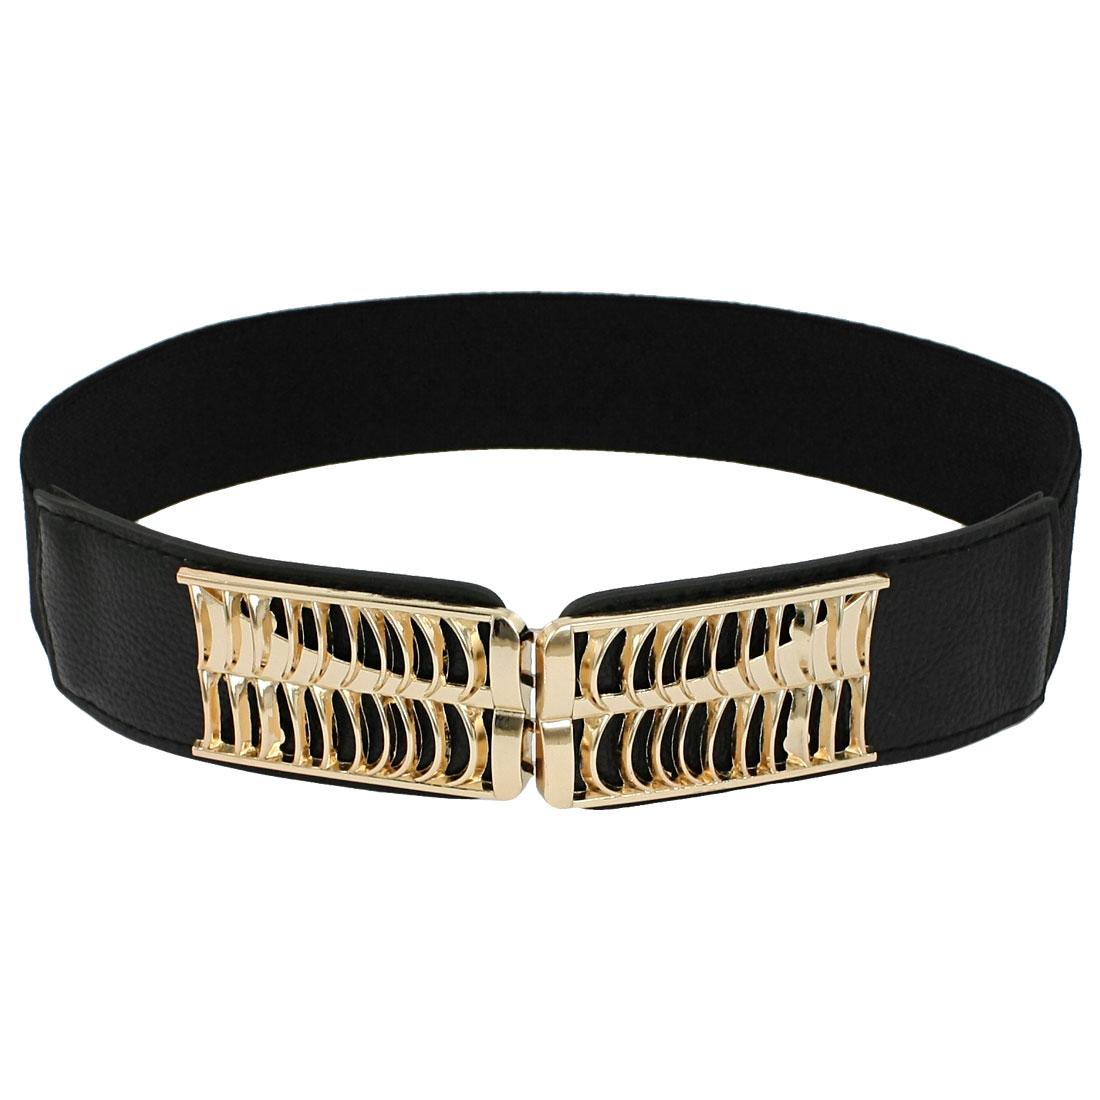 Lady Metal Interlocking Buckle Stretchy Cinch Band Waist Belt Black